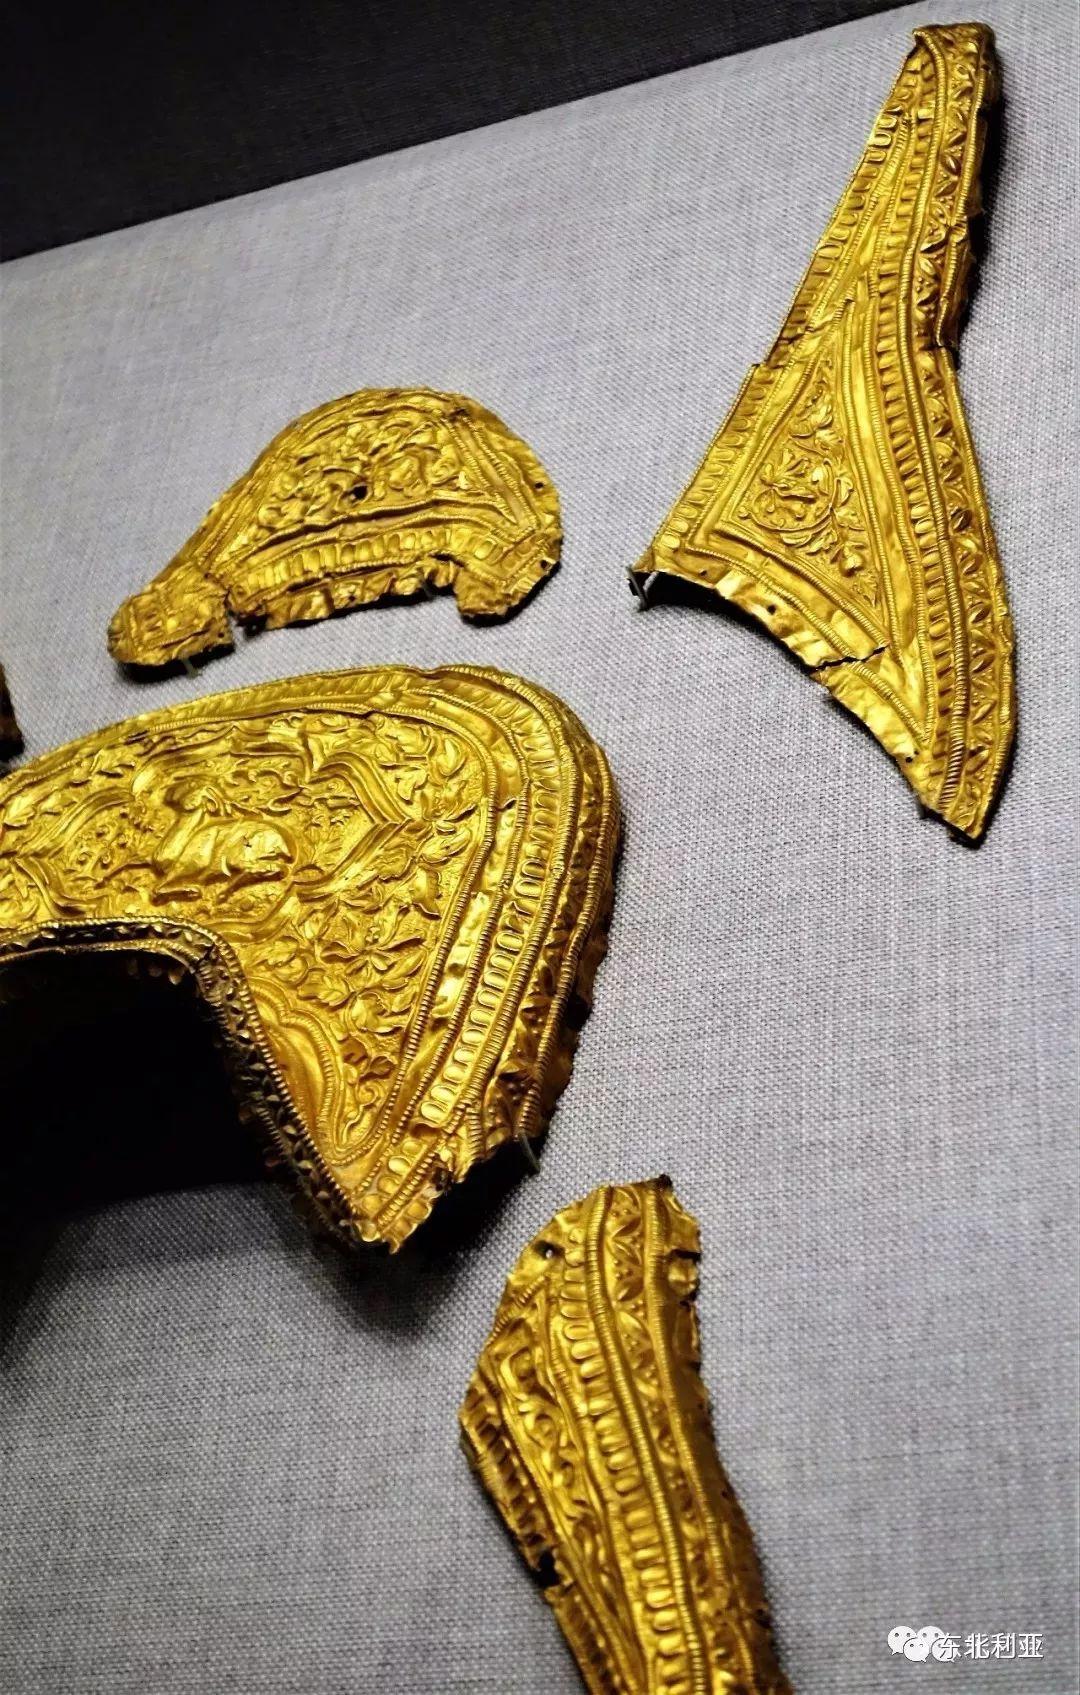 图集丨辽元时期的豪华马鞍与装饰 第1张 图集丨辽元时期的豪华马鞍与装饰 蒙古工艺